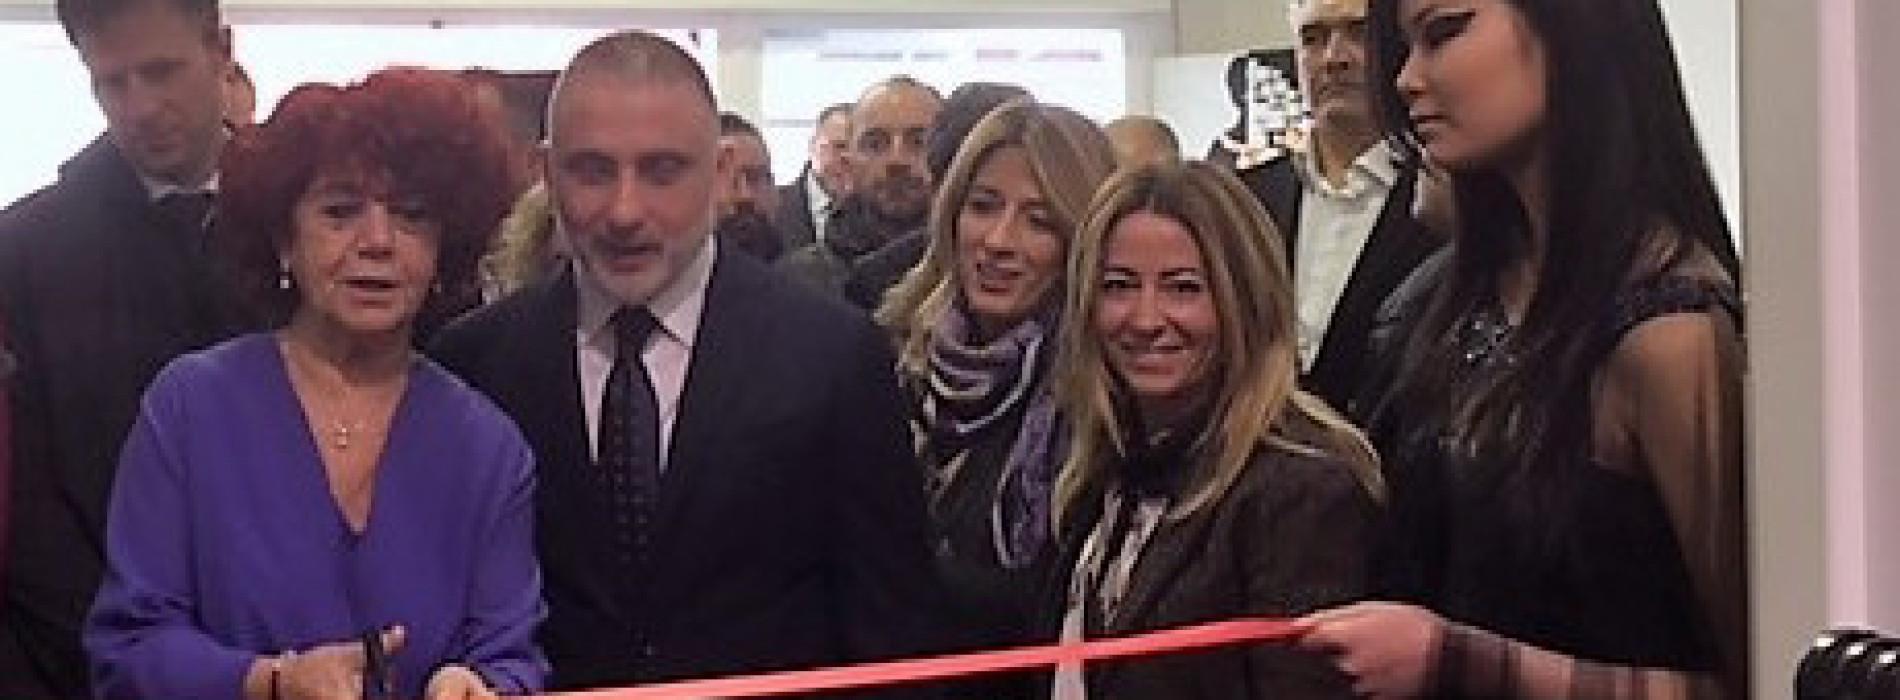 Moda e innovazione, la ministra Fedeli a Napoli